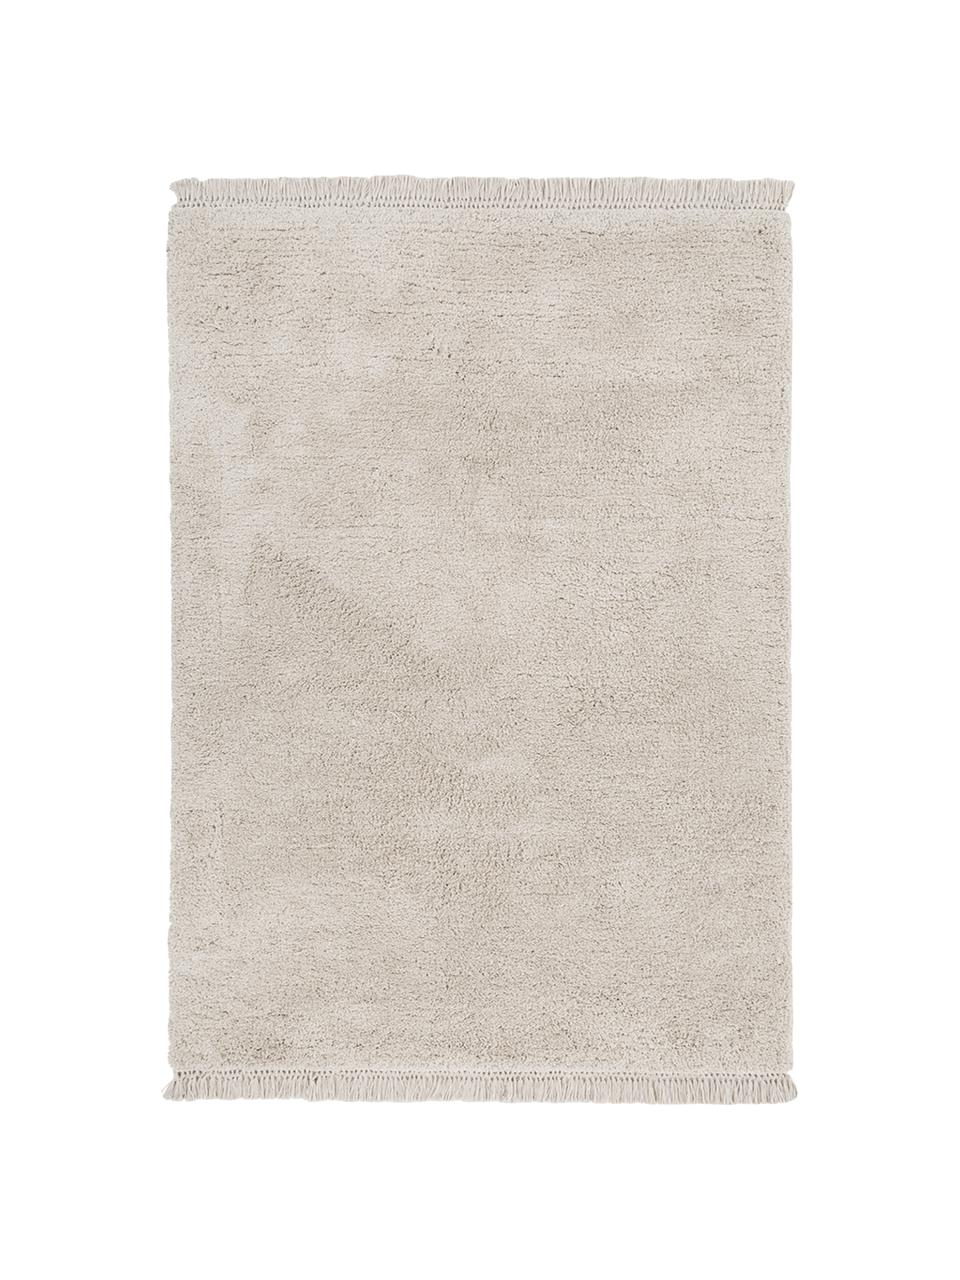 Zacht hoogpolig vloerkleed Dreamy met franjes, Bovenzijde: 100% polyester, Onderzijde: 100% katoen, Crèmekleurig, B 160 x L 230 cm (maat M)